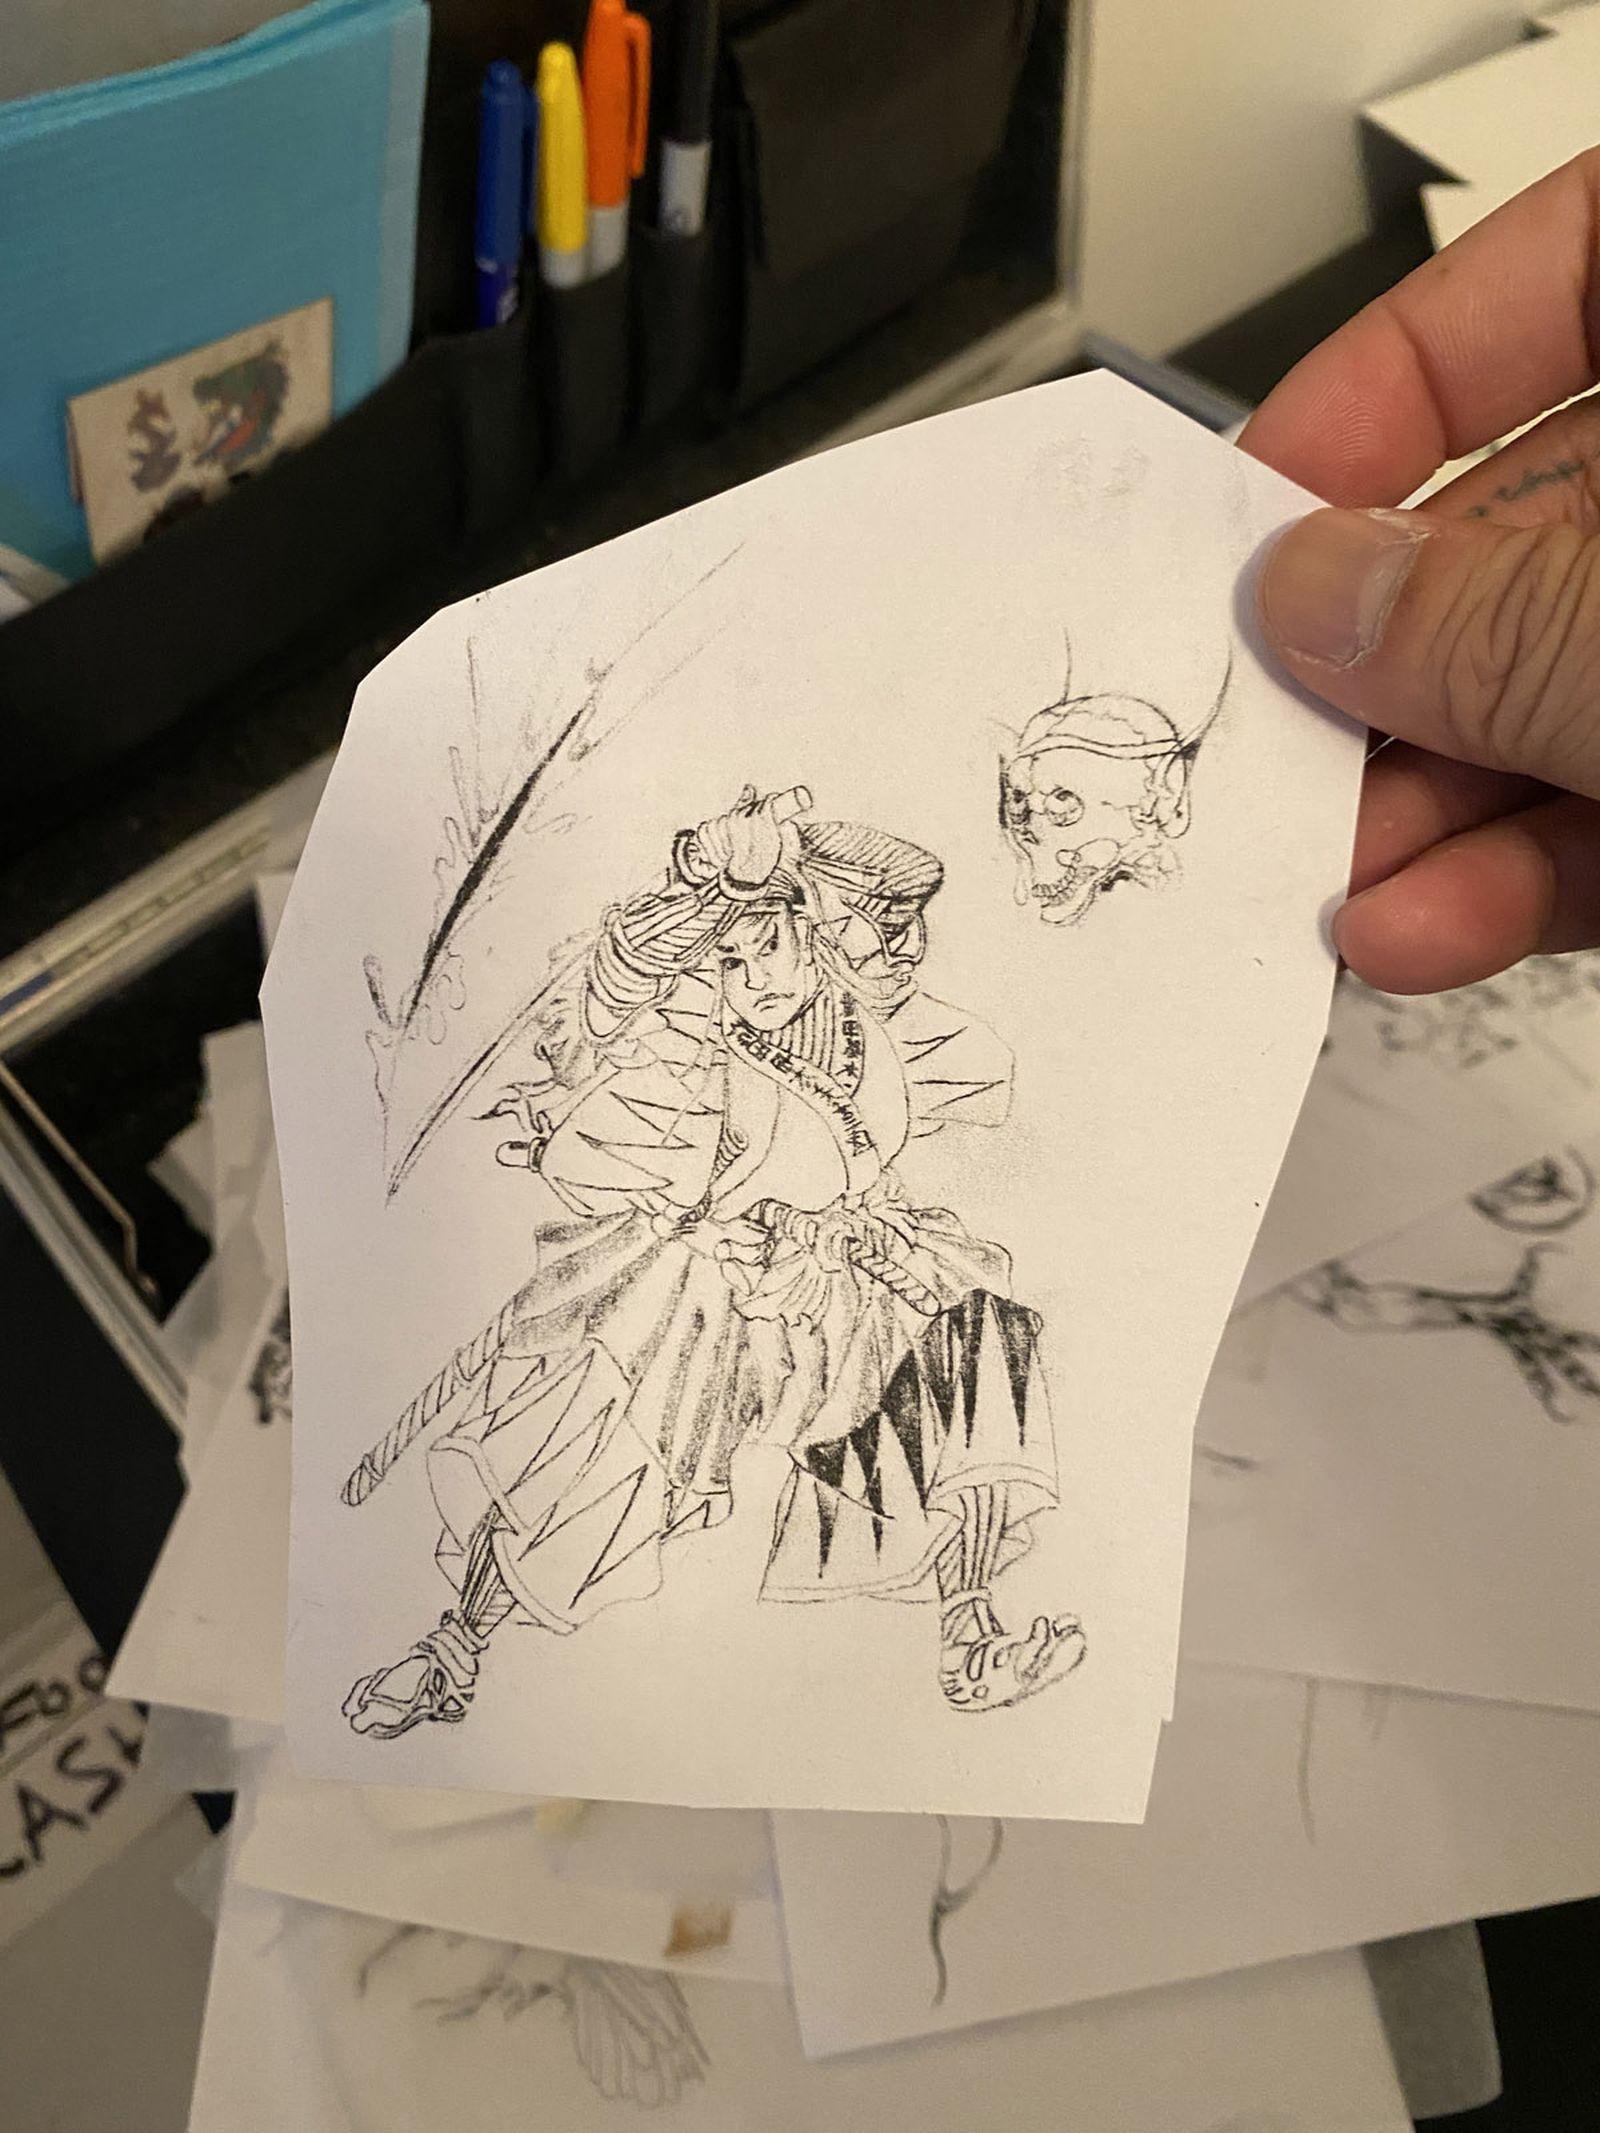 keegan-dakkar-tattoo-art-supreme-collab-020